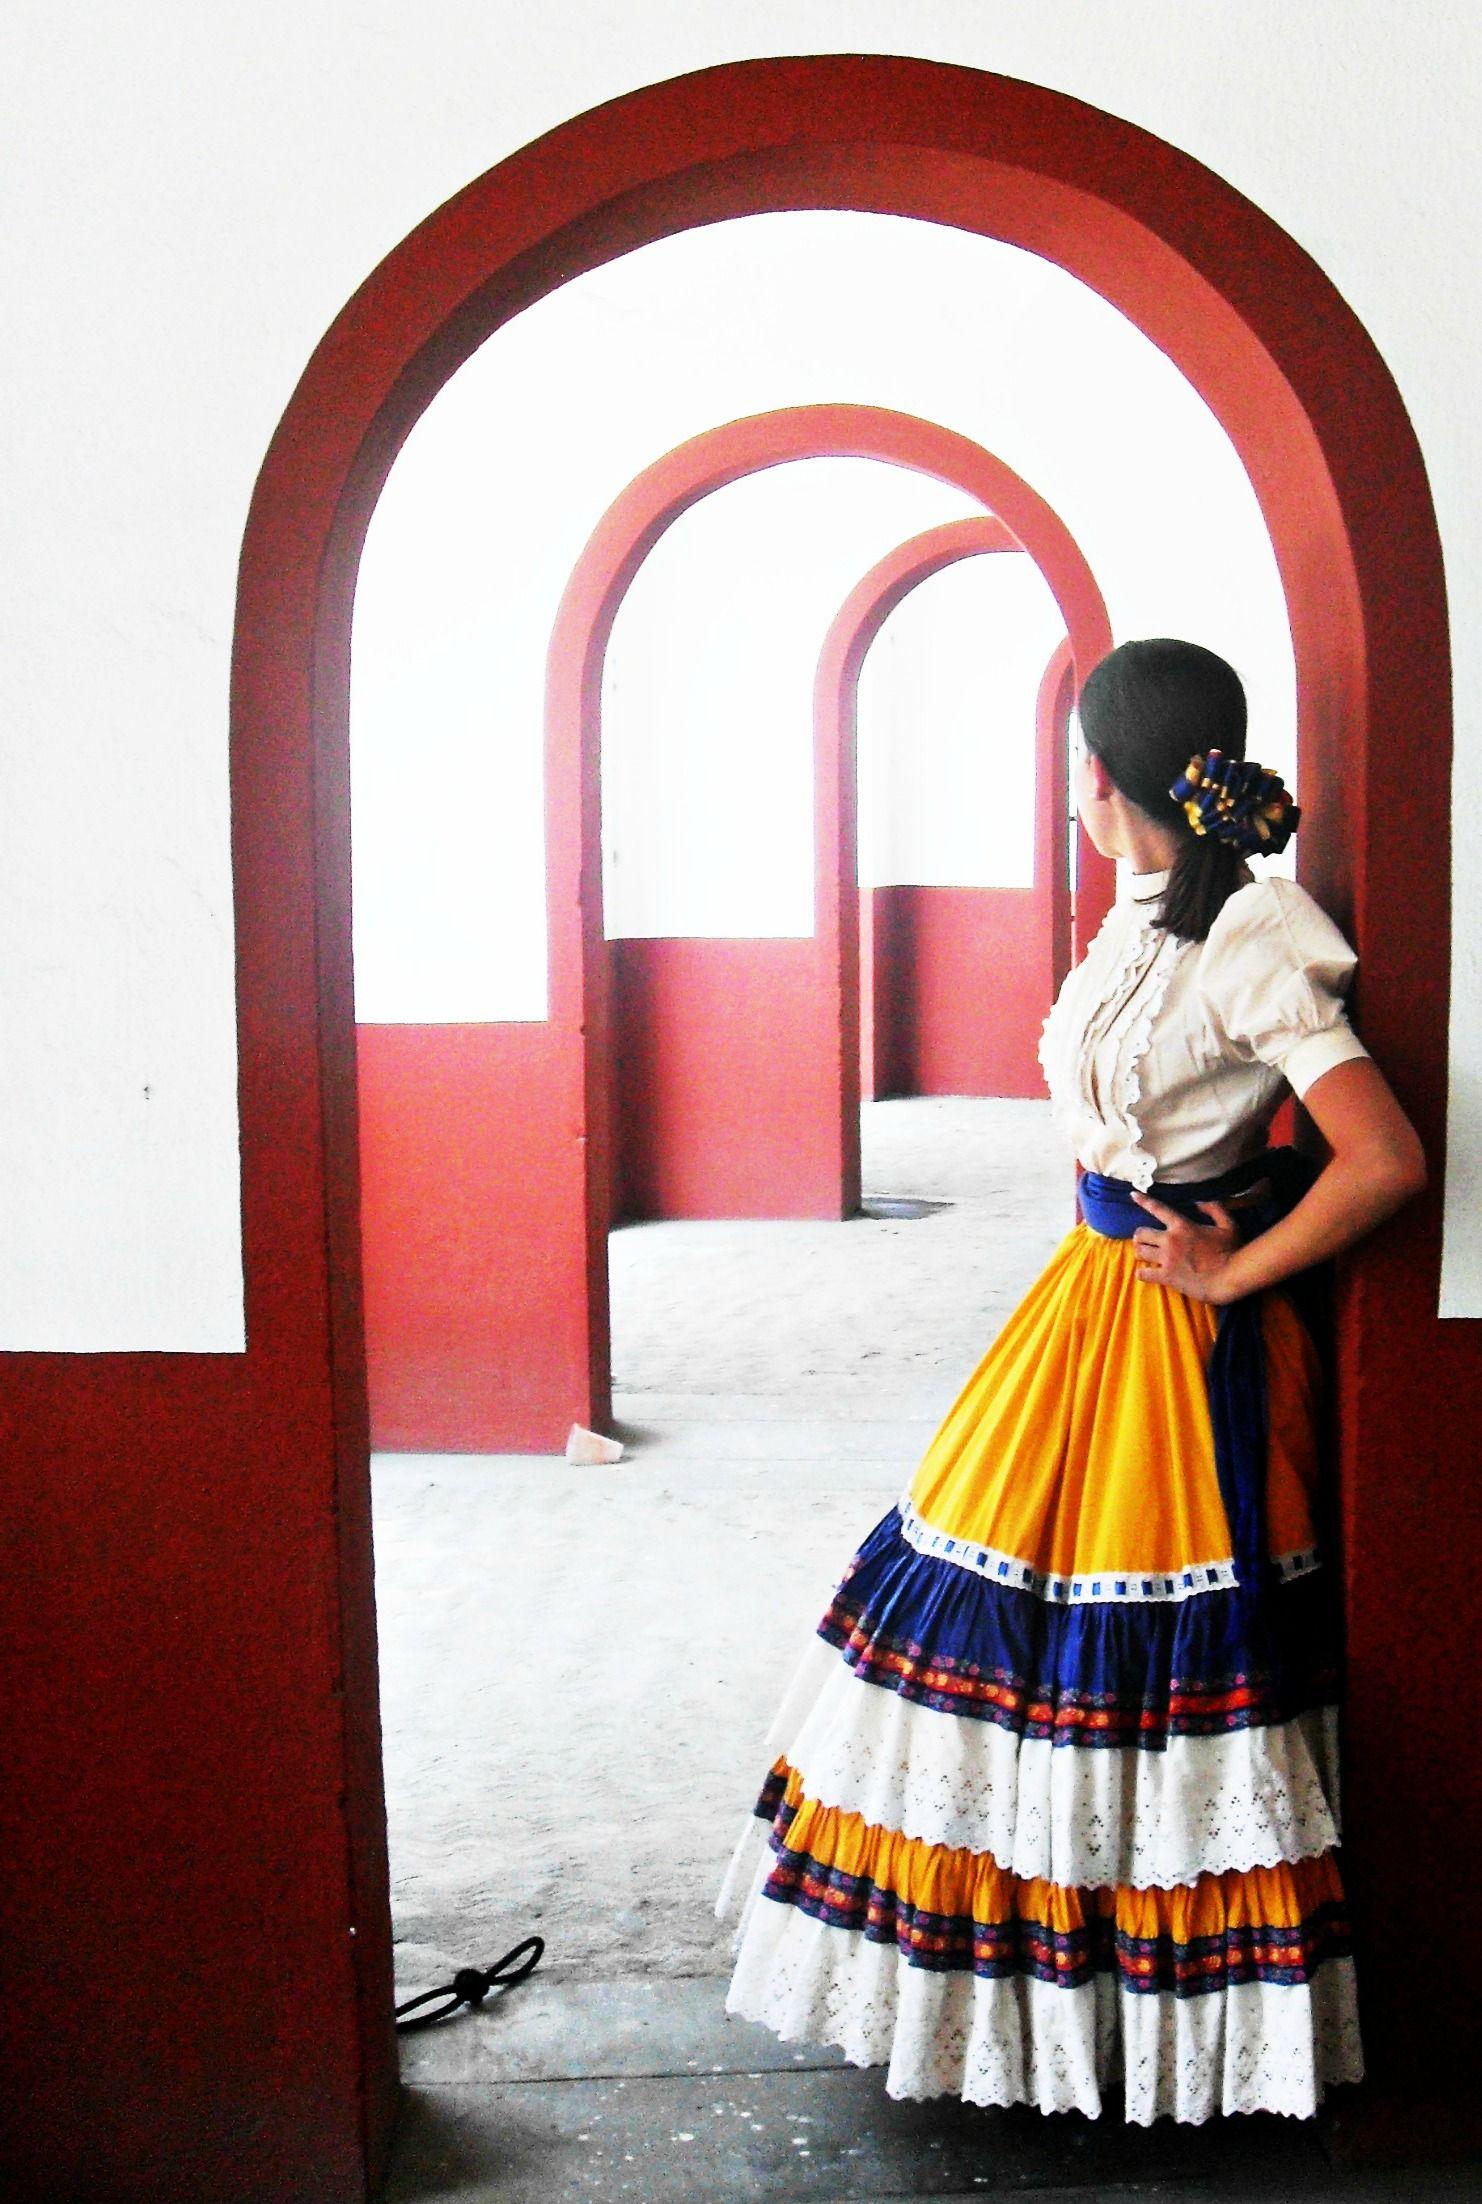 Escaramuza Charra Lienzo Charro Valle De Santiago Vestidos Escaramuza Vestidos Mexicanos Vestimenta Mexicana